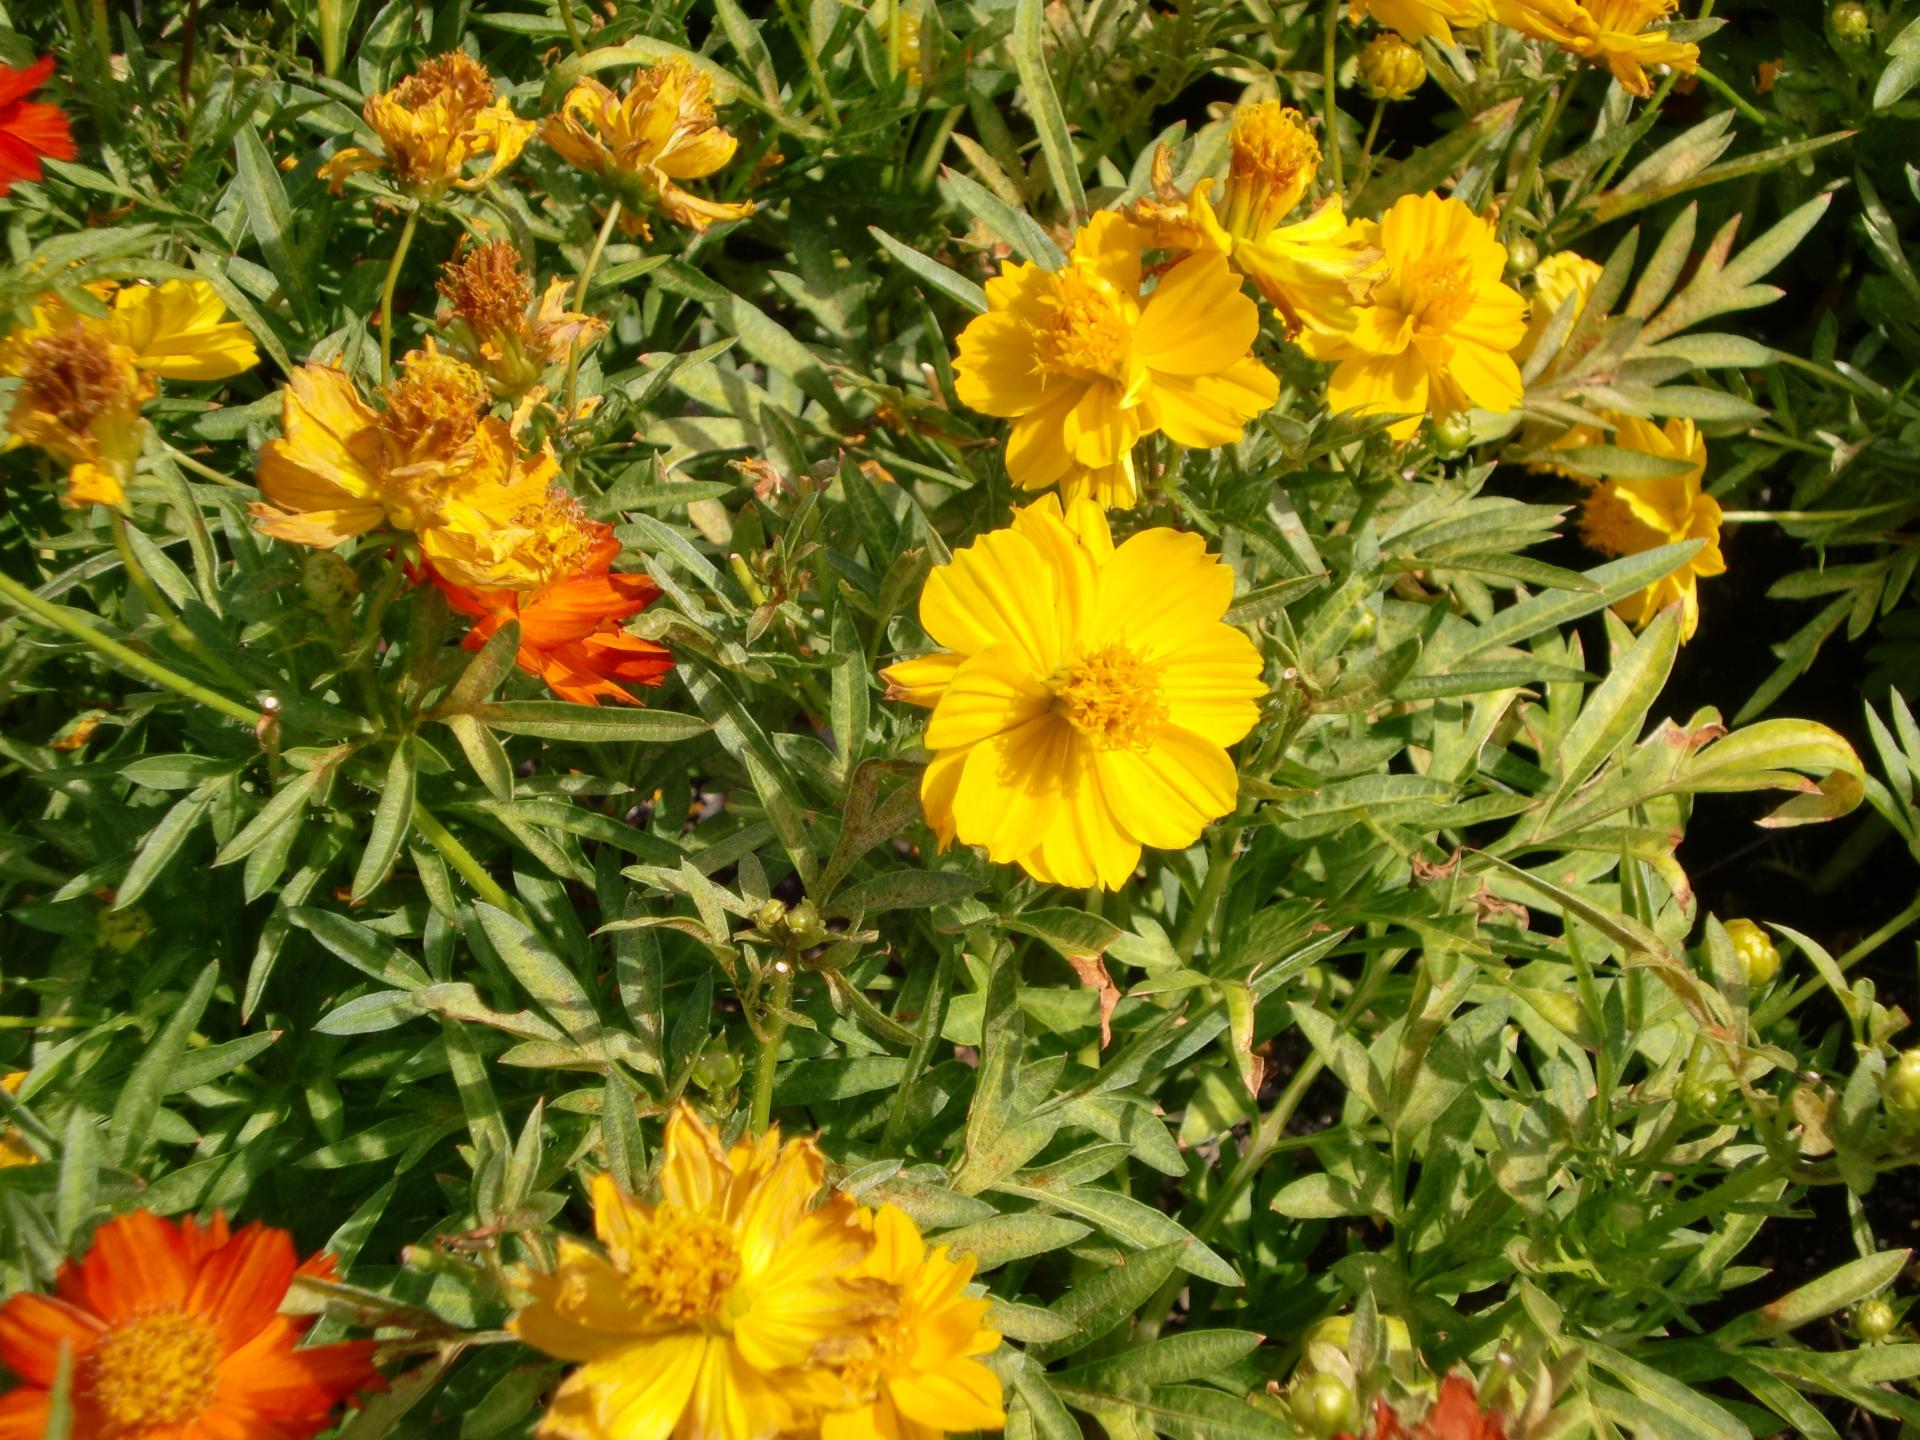 ガーデン用品屋さんの花図鑑 ジニア